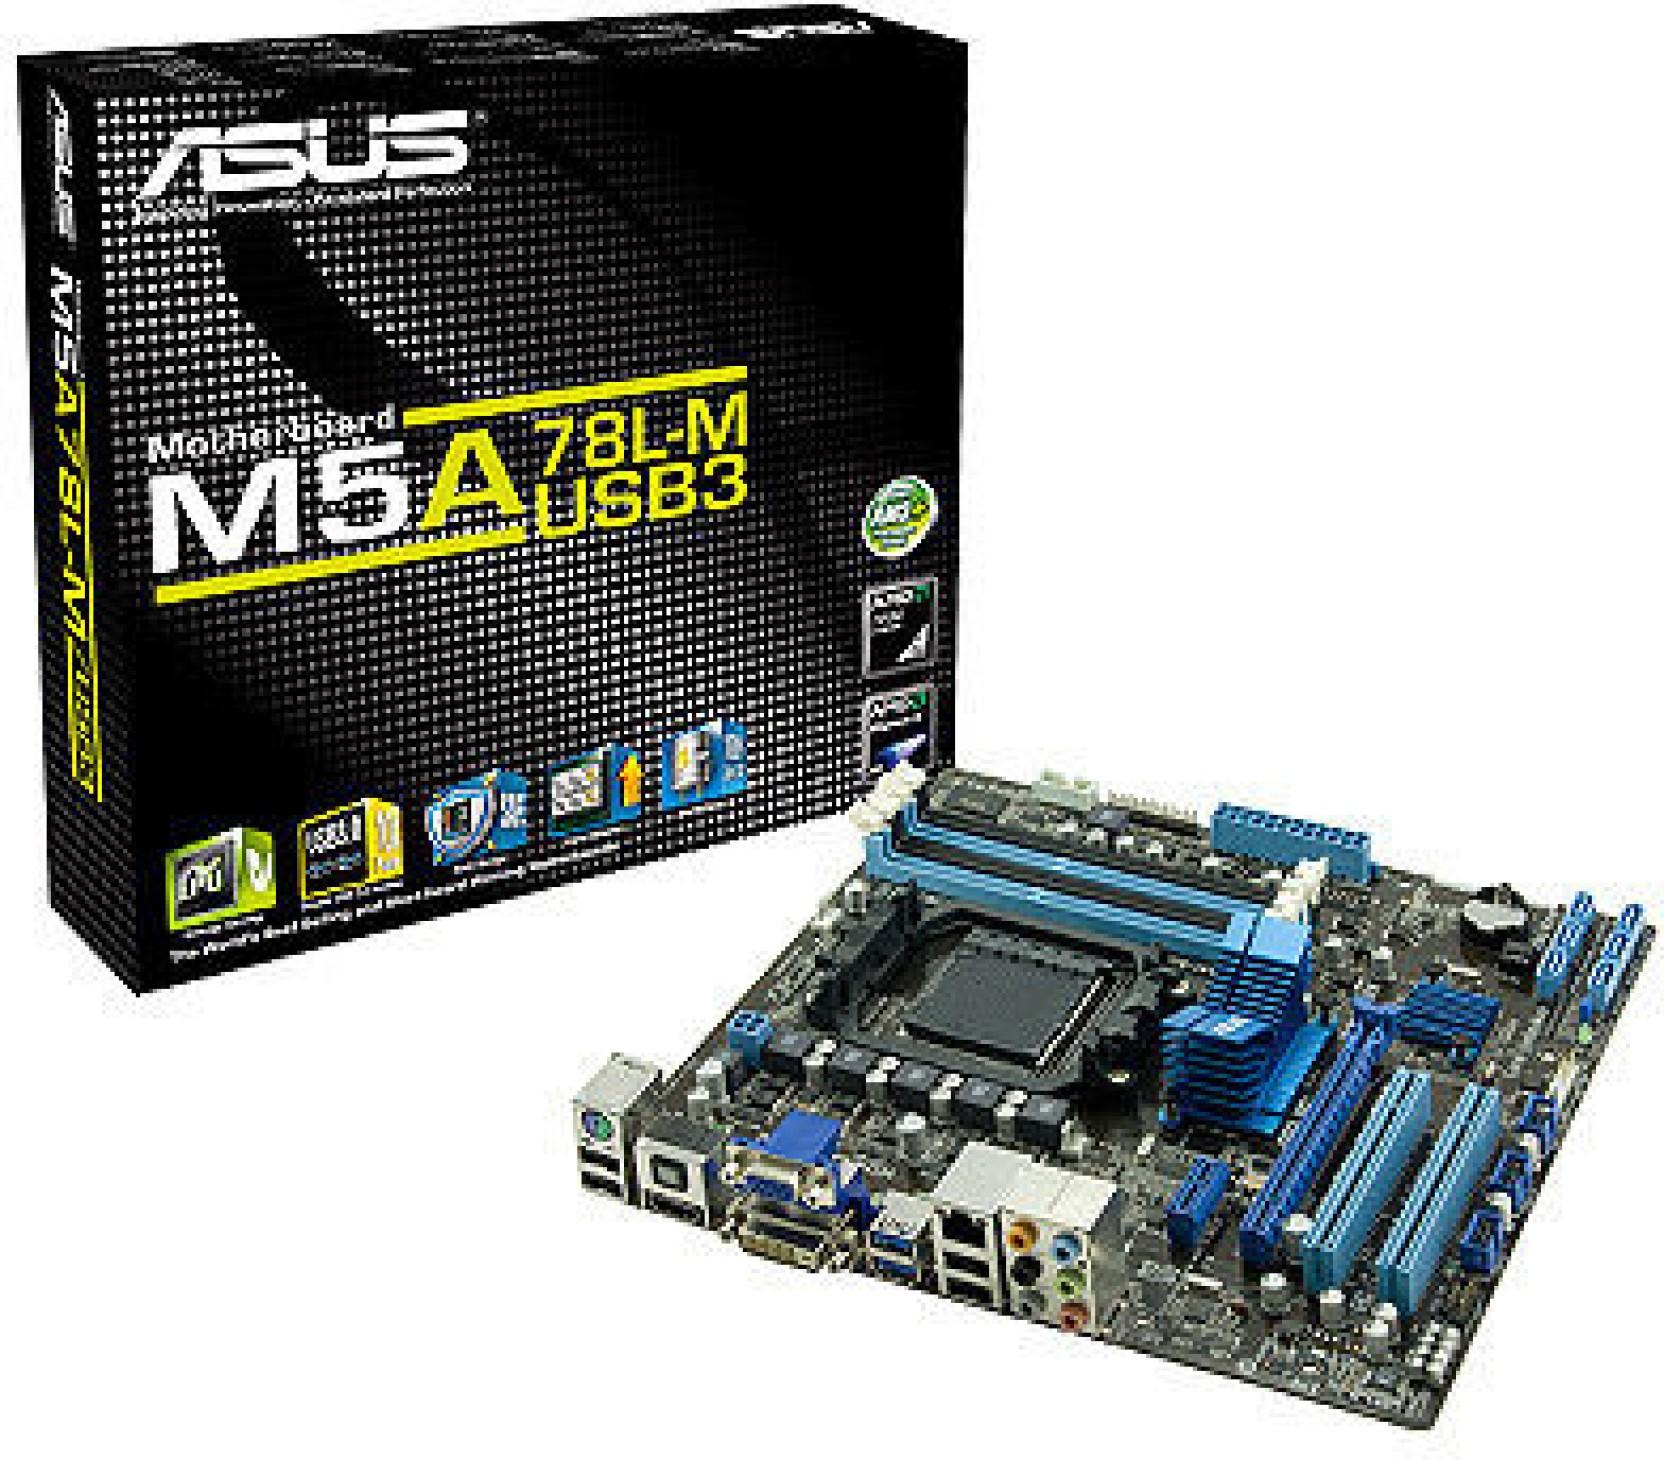 Asus motherboard 8 ram slots